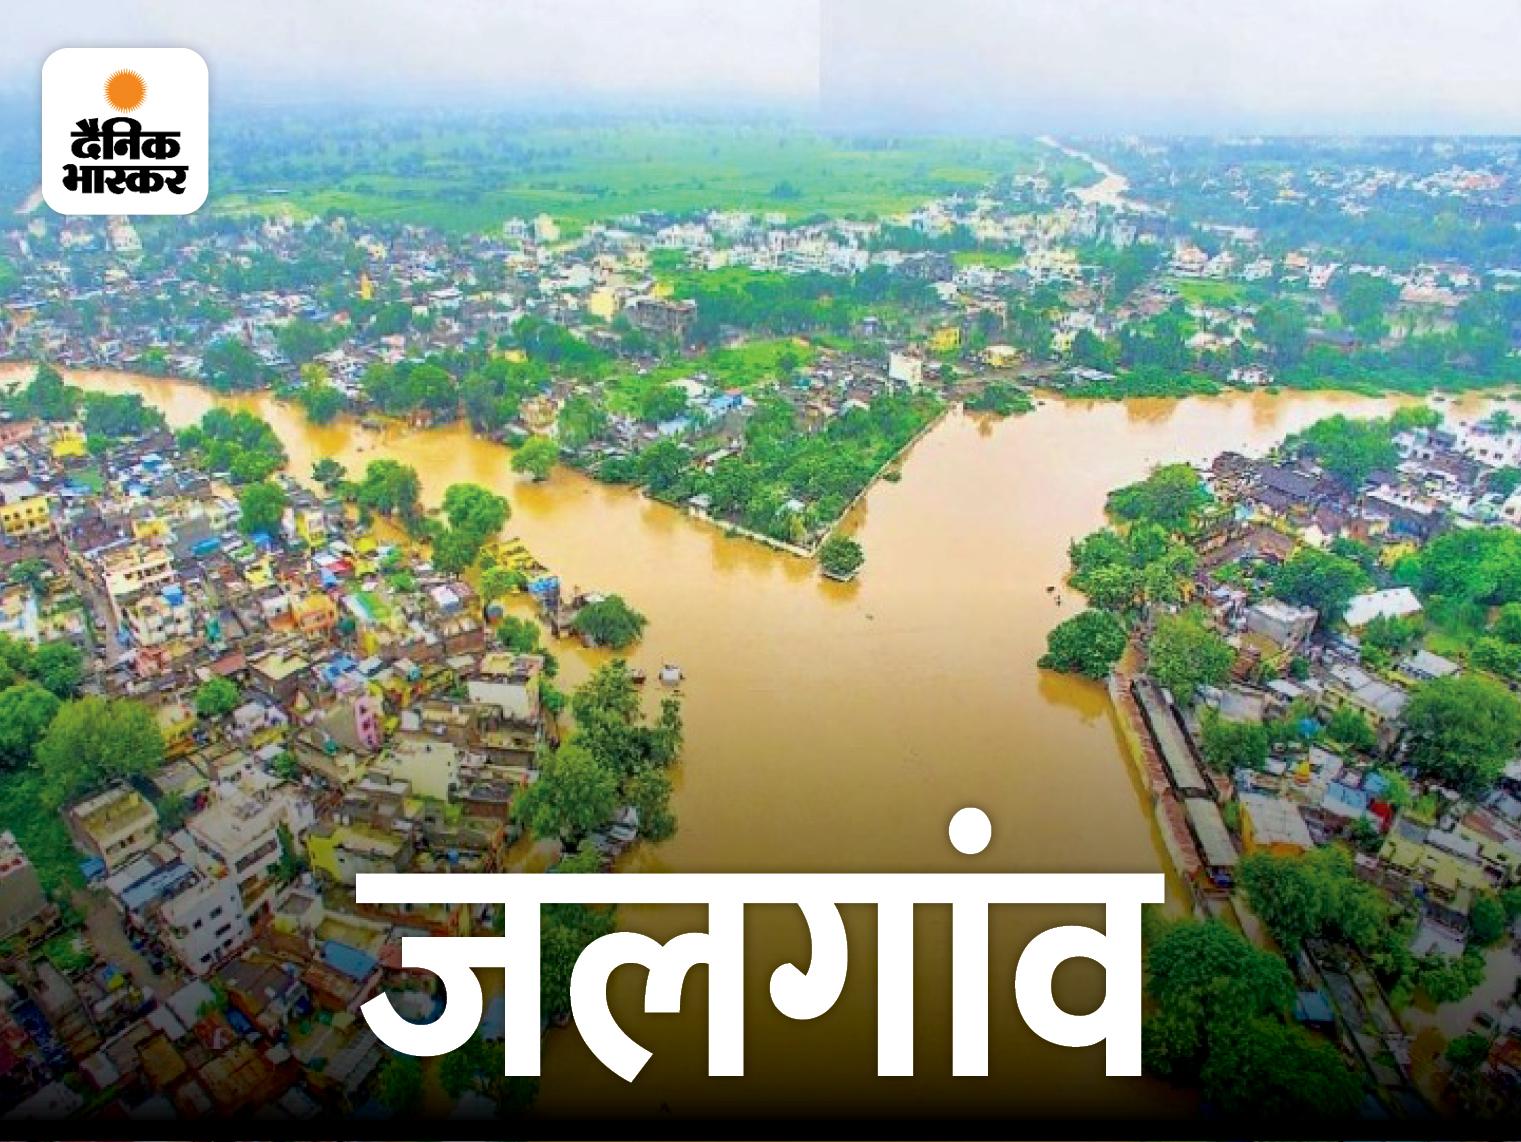 महाराष्ट्र के 750 गांव बाढ़ की चपेट में, 500 मवेशी बहे; UP के 11 बांधों में रिसाव शुरू|देश,National - Dainik Bhaskar